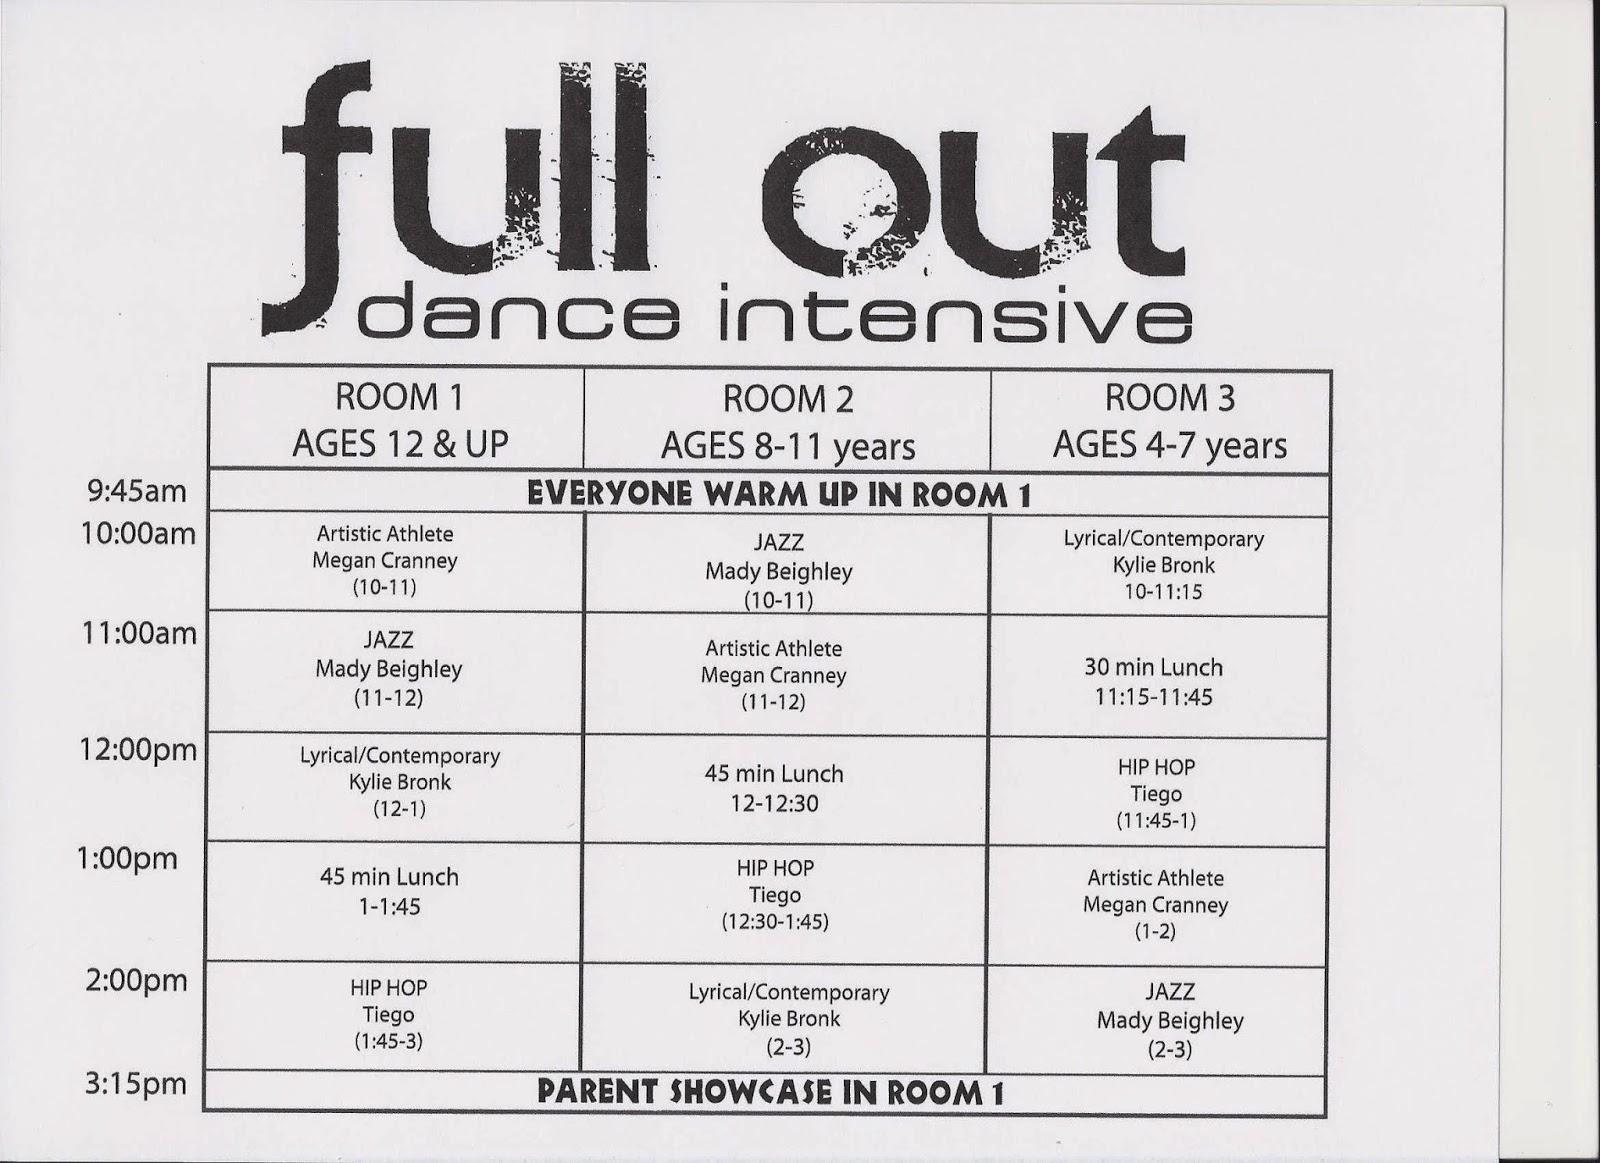 INFINITY DANCE: June 2014